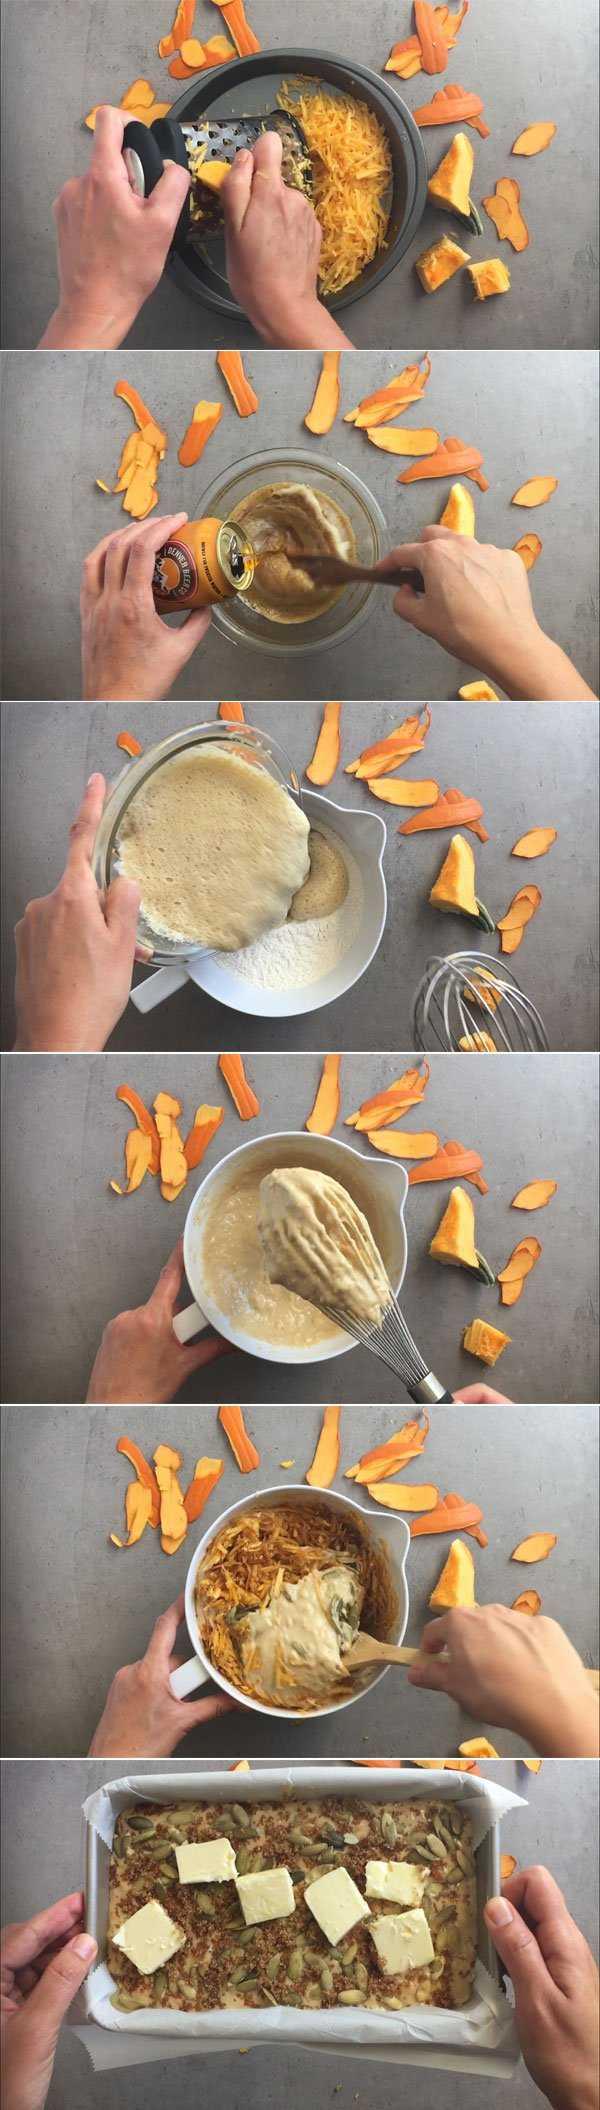 Step by step image grid for pumpkin loaf.